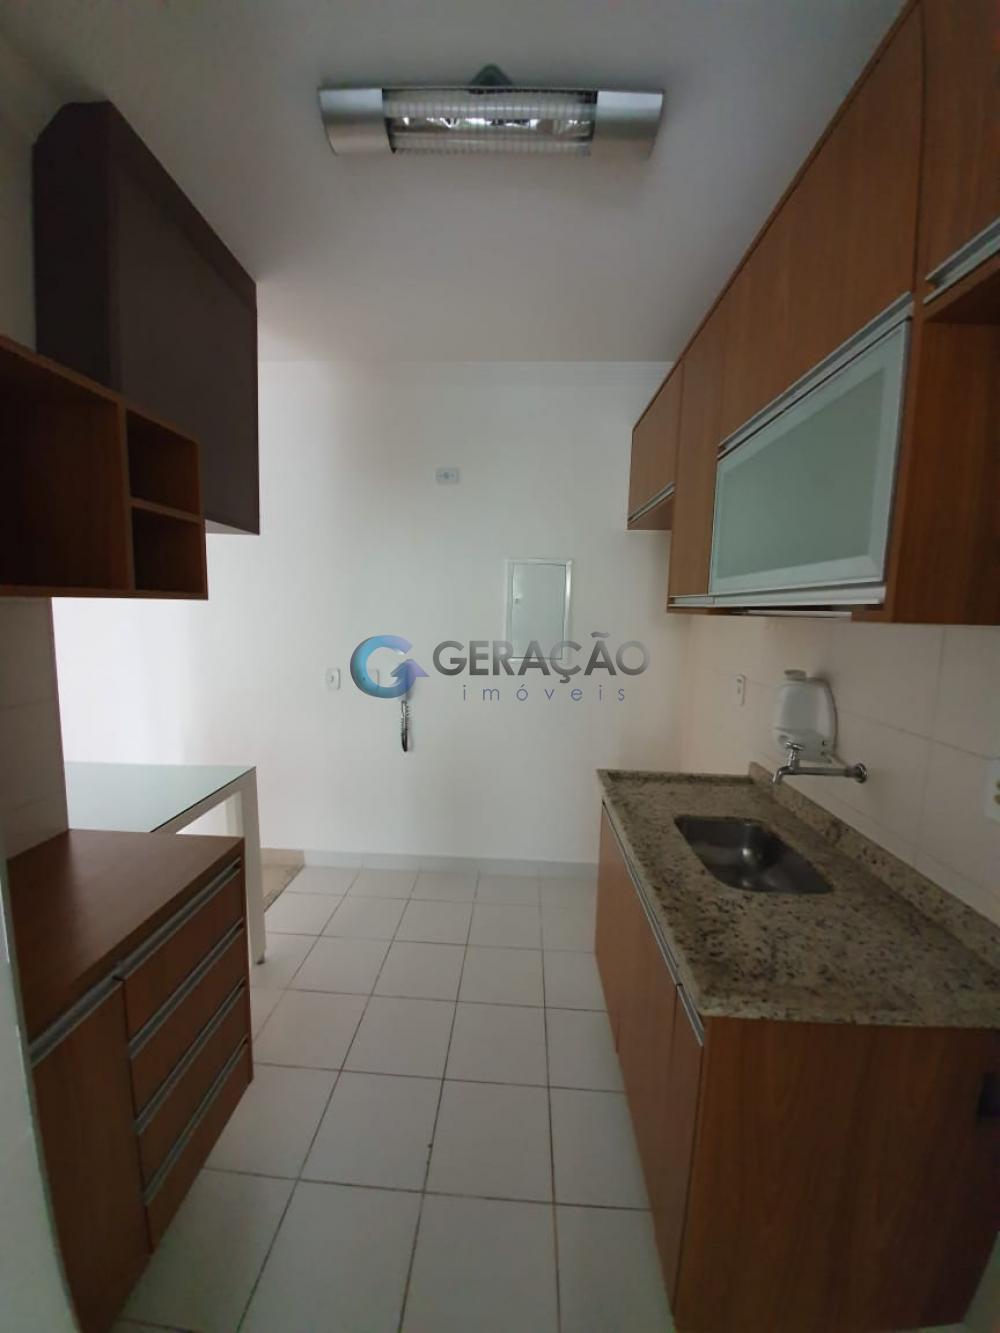 Comprar Apartamento / Padrão em São José dos Campos apenas R$ 450.000,00 - Foto 9